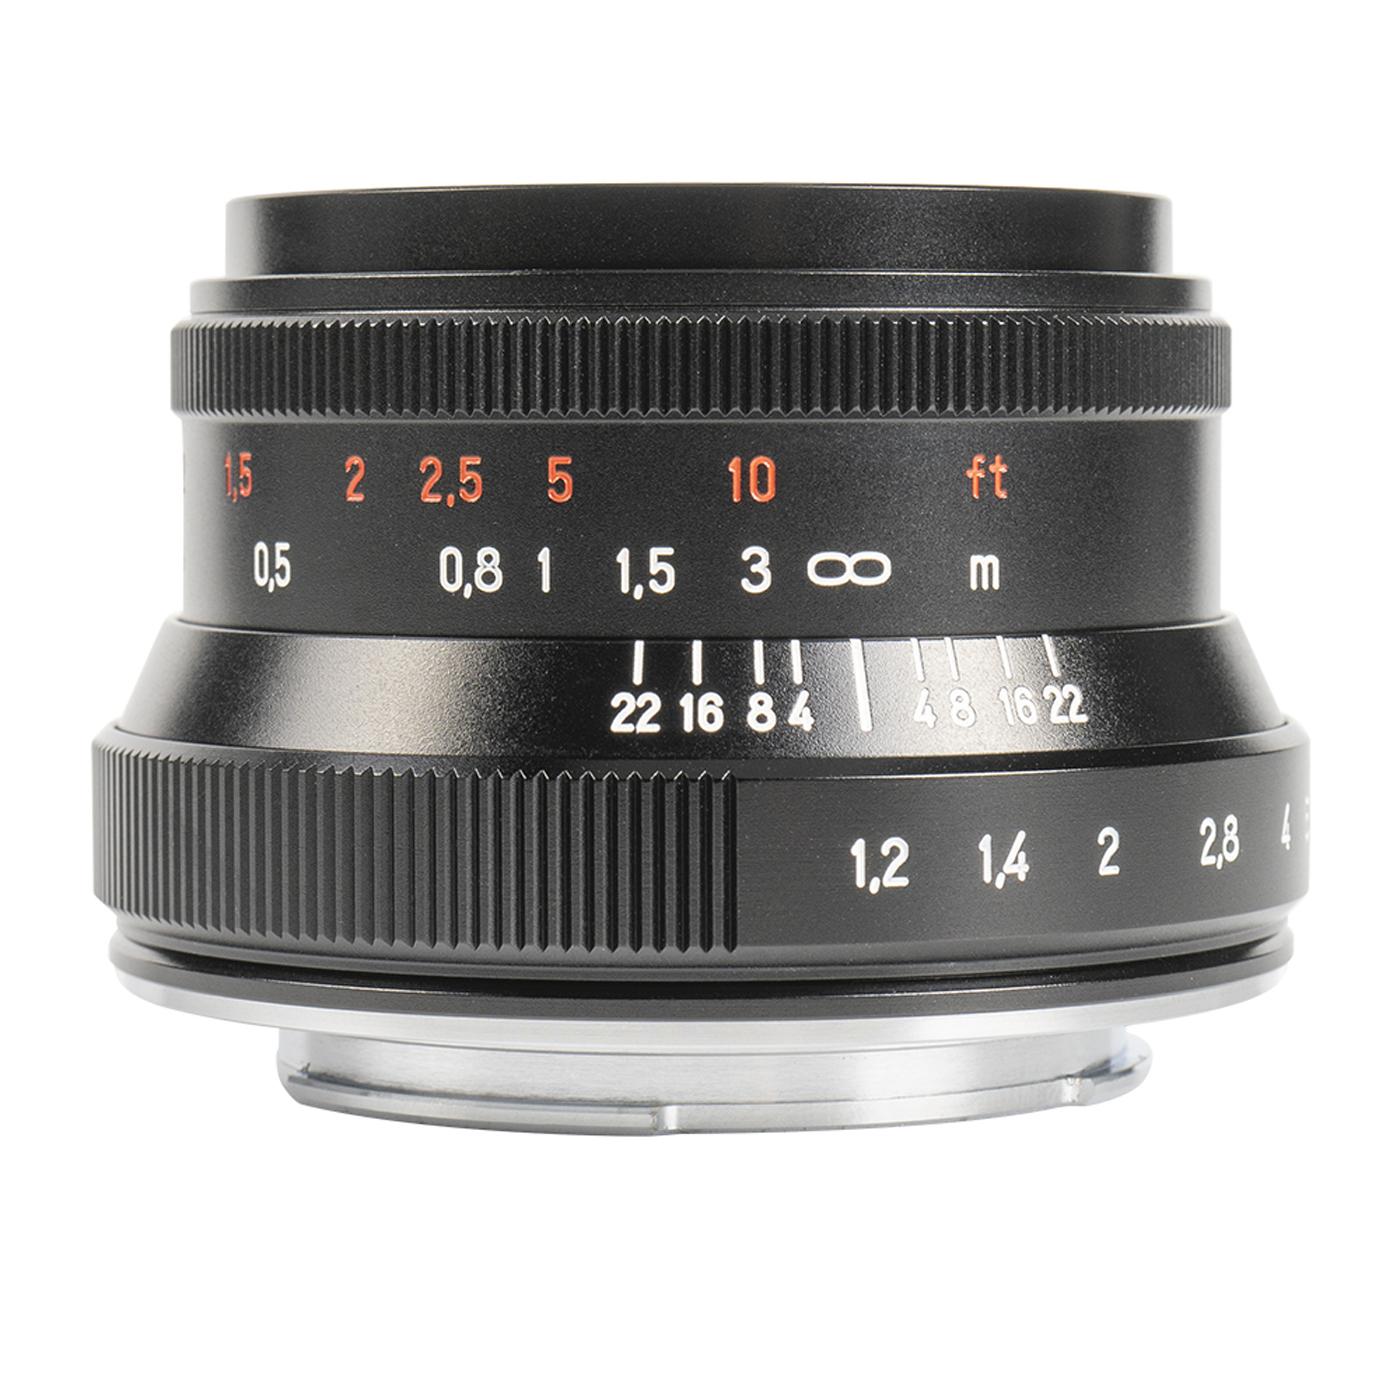 7Artisans 35 mm 1:1,2 II für Nikon Z